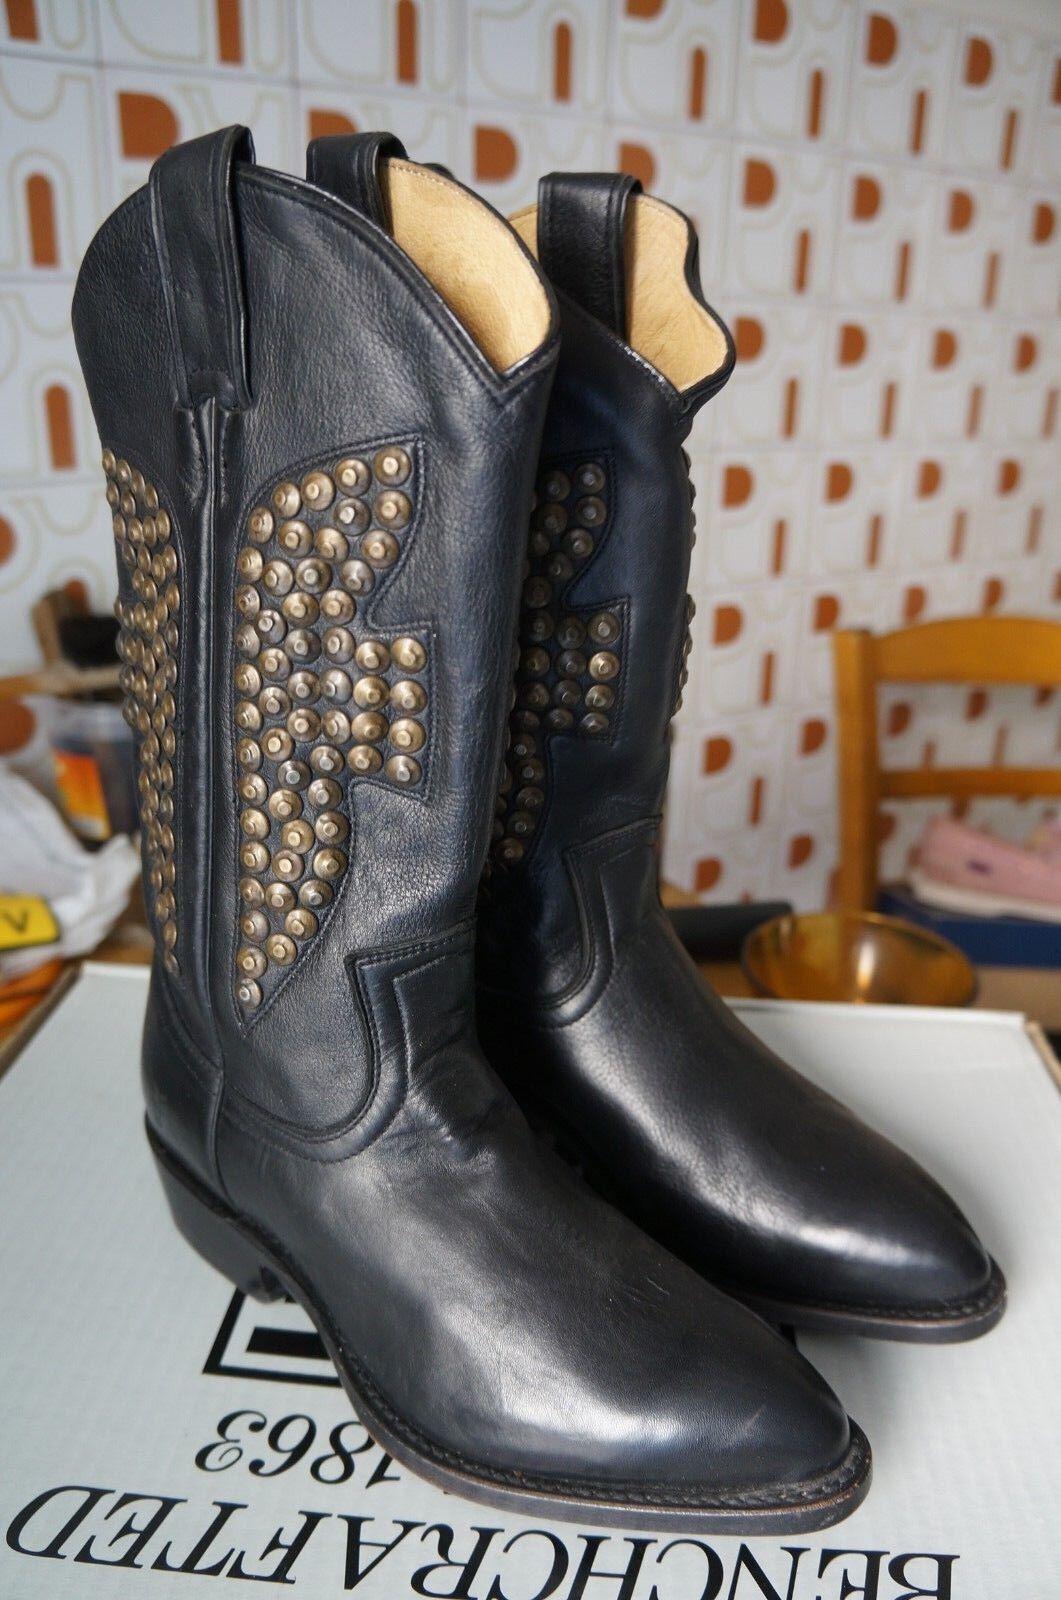 Frye Billy Hammered Stud, bottes femme - black (Blk), 37 EU (5 UK) -